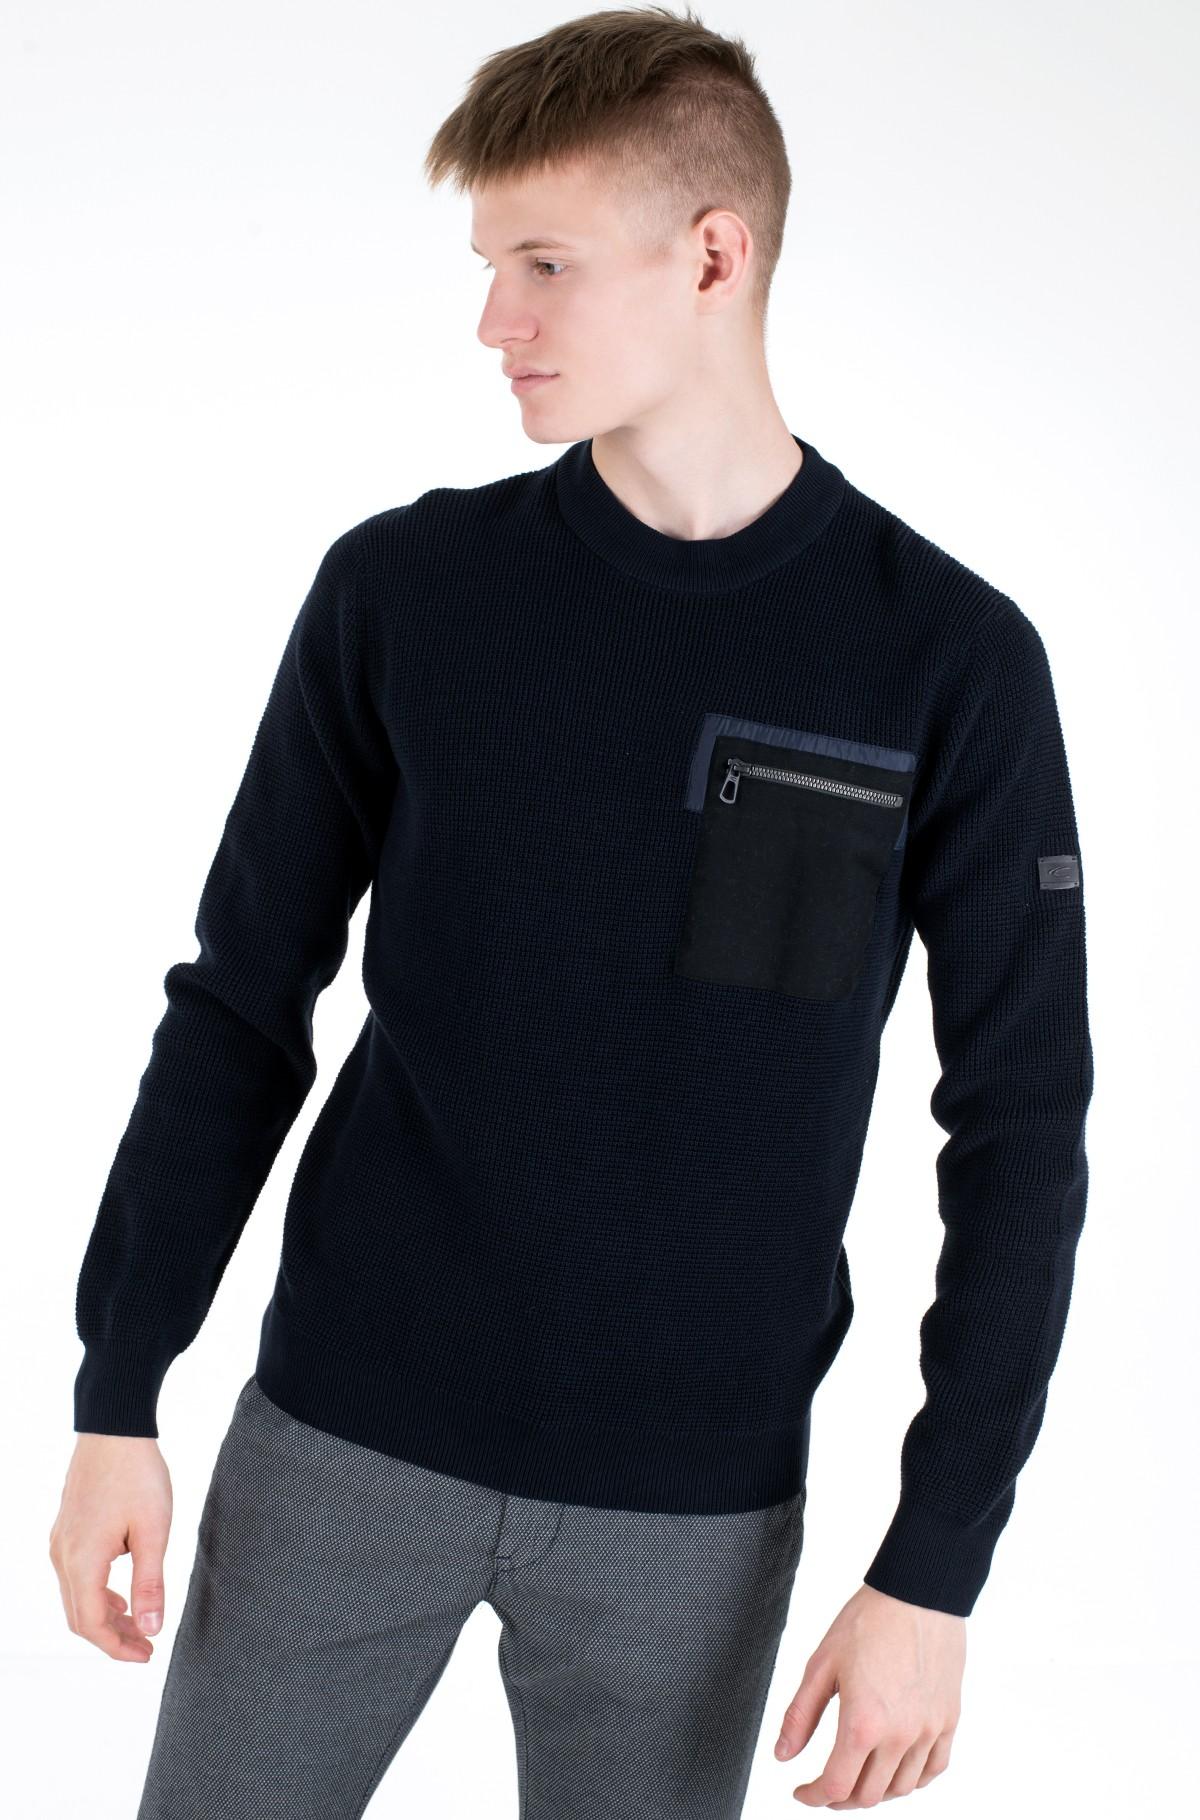 Sweater 409504/4K04-full-1